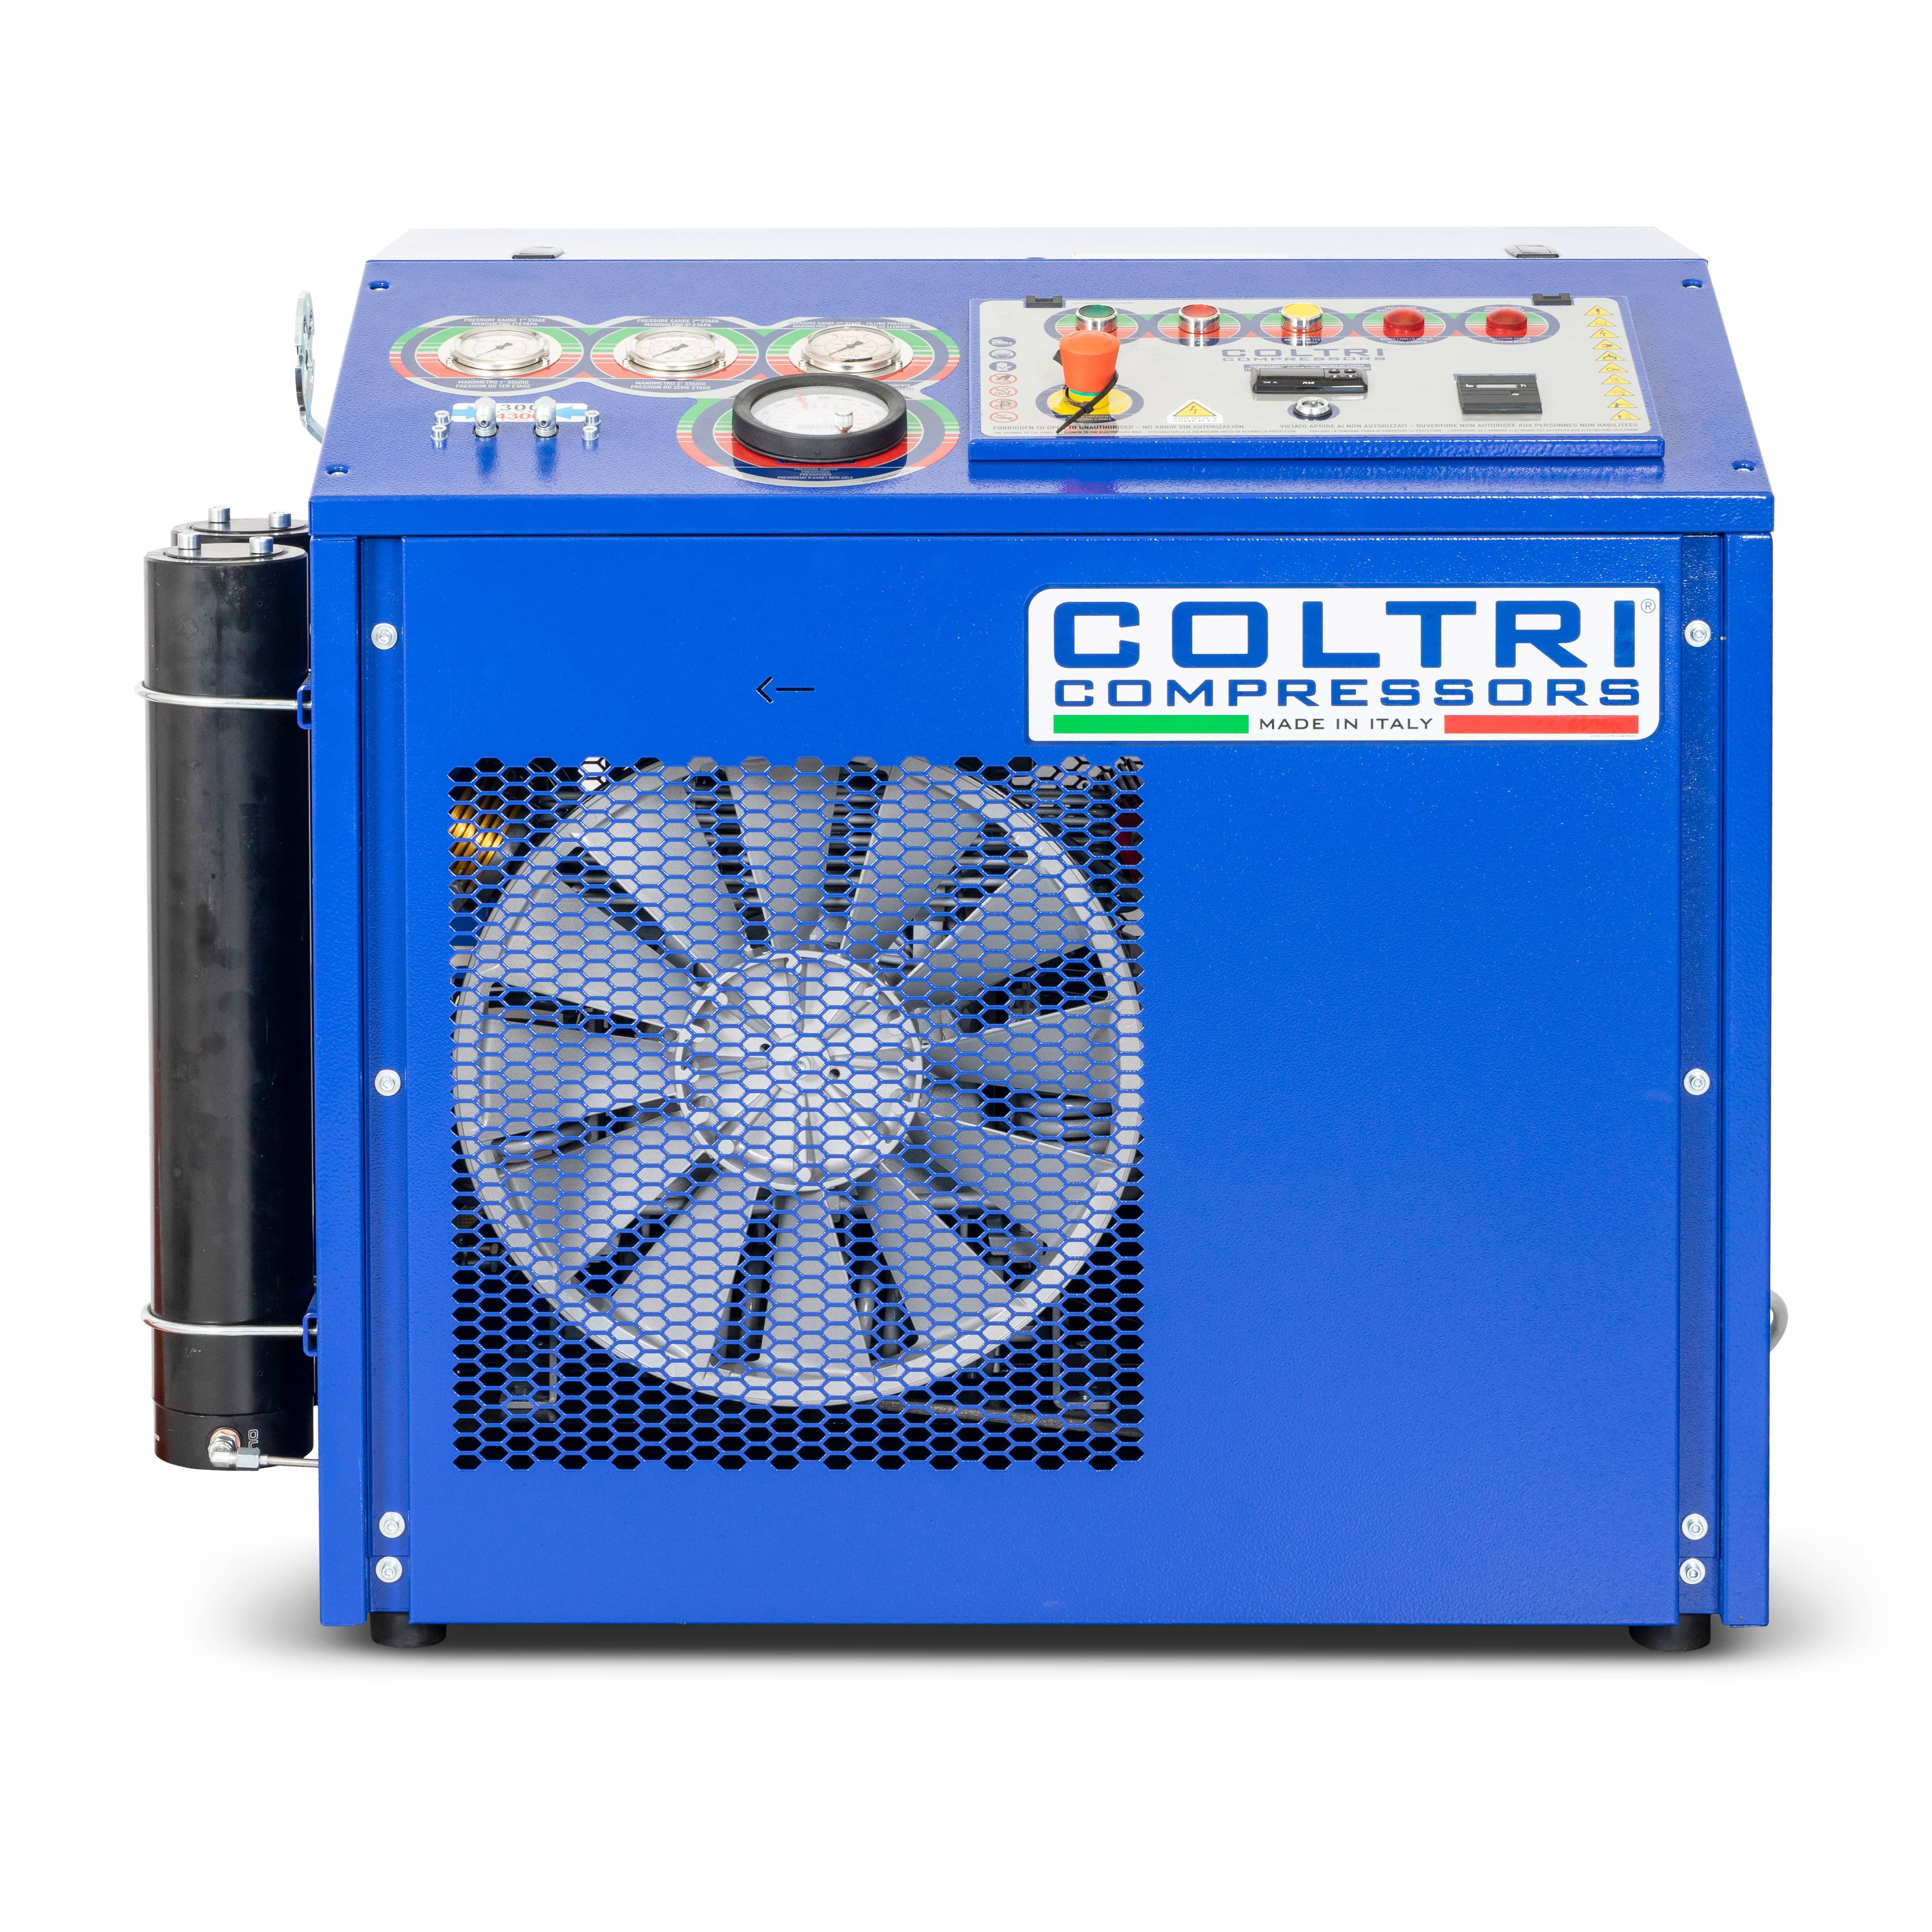 Coltri MCH 13/16/21/23 Mark 3 Compressor